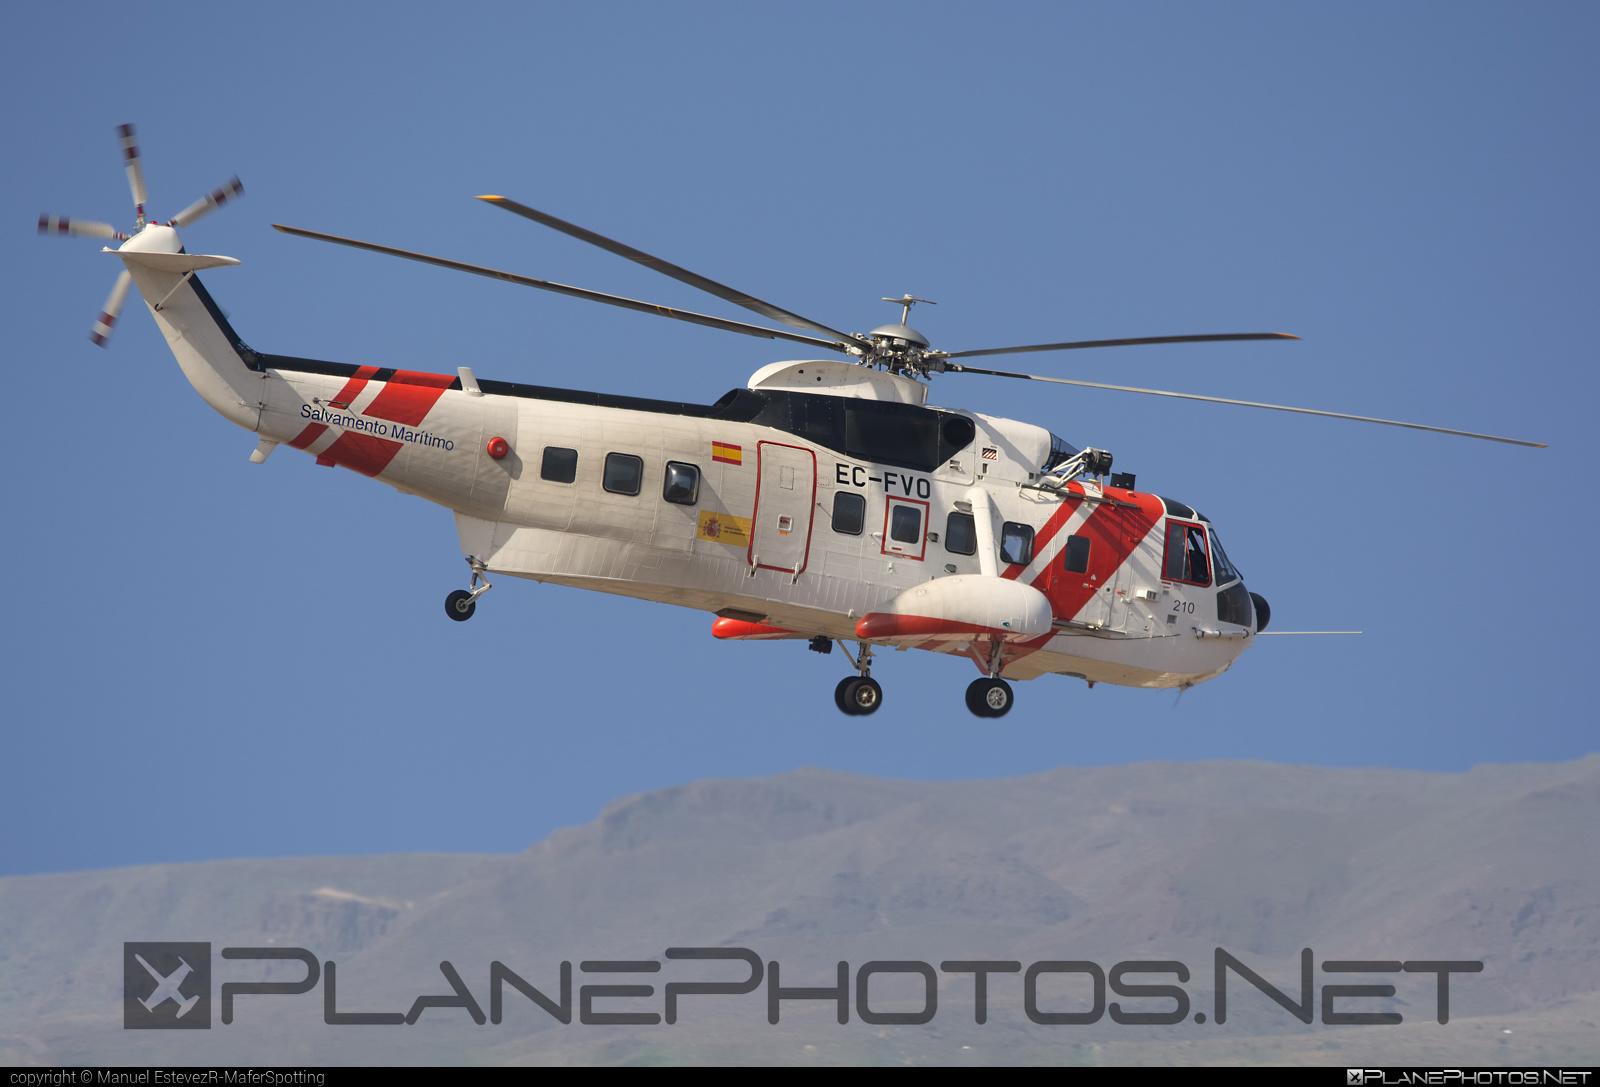 Sikorsky S-61N Mk.II - EC-FVO operated by Sociedad de Salvamento y Seguridad Marítima (Spanish Maritime Safety Agency) #sikorsky